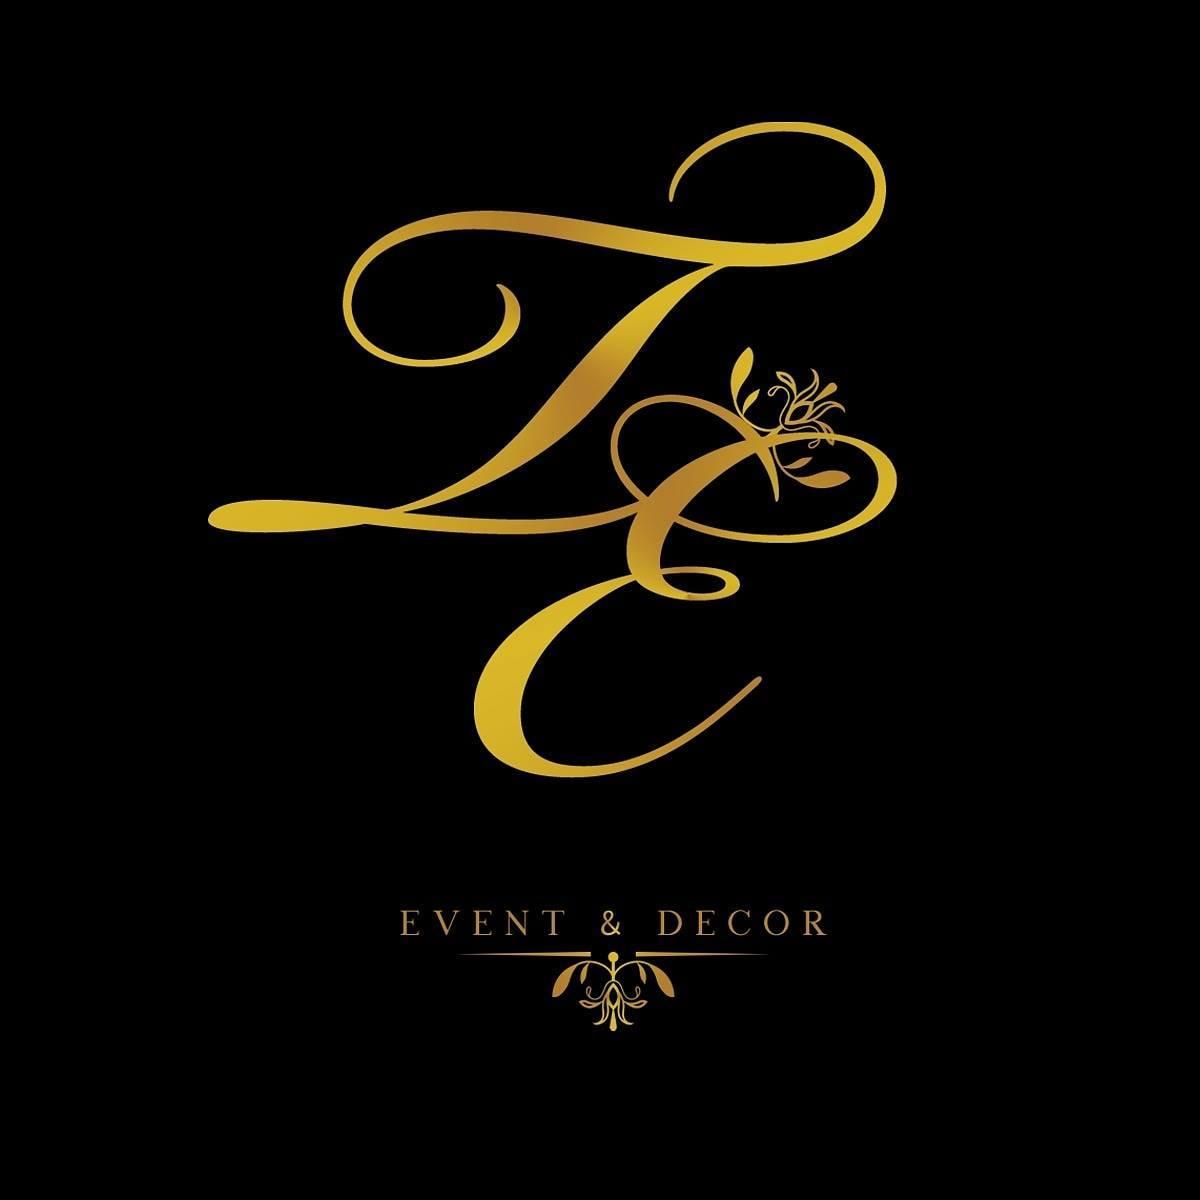 Tres Elegant Event and Decor